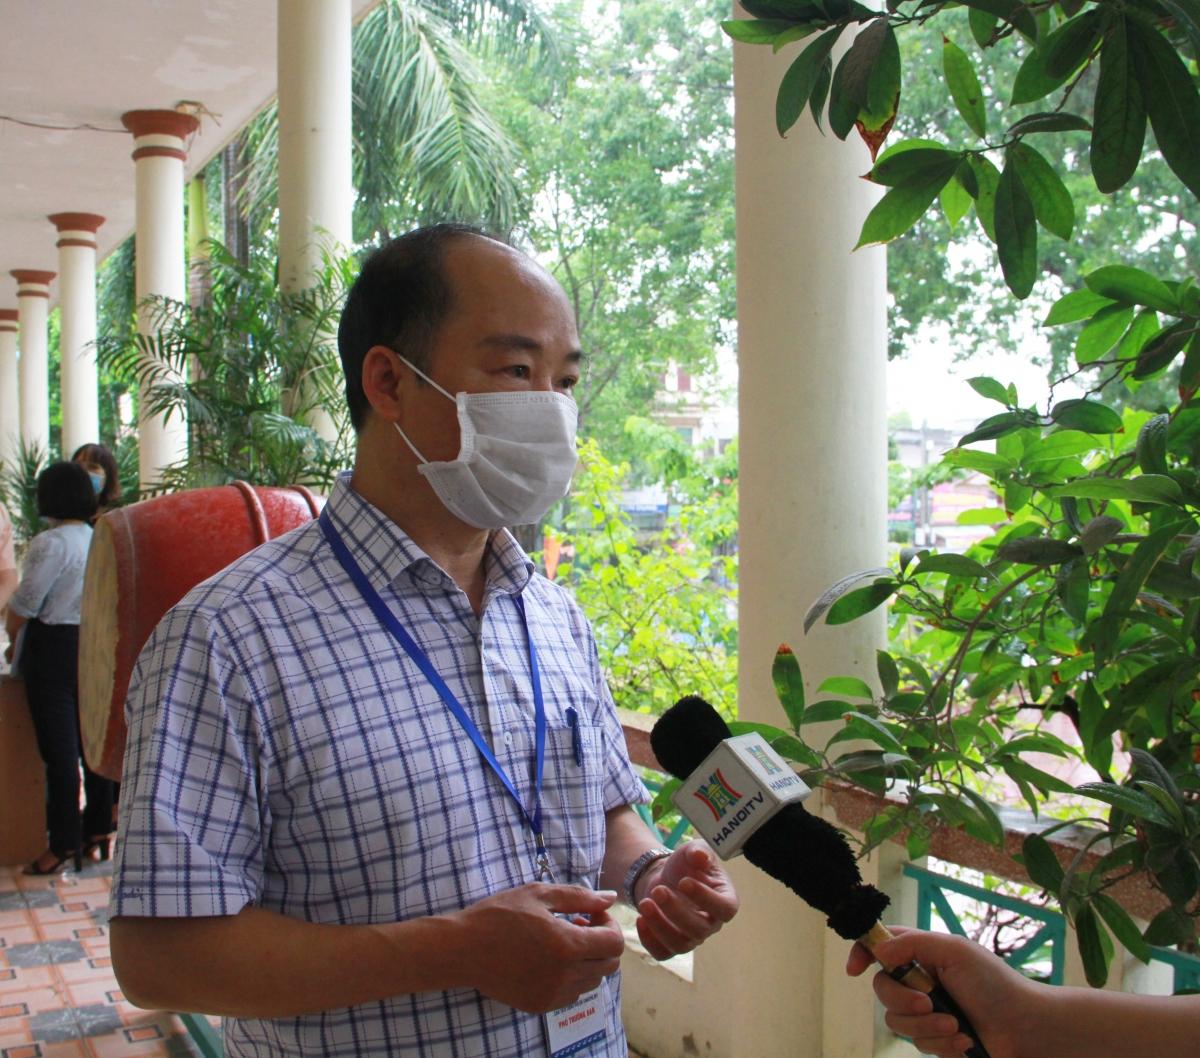 Chủ tịch UBND huyện Chương Mỹ Nguyễn Đình Hoa thông tin về công tác thi trên địa bàn huyện.